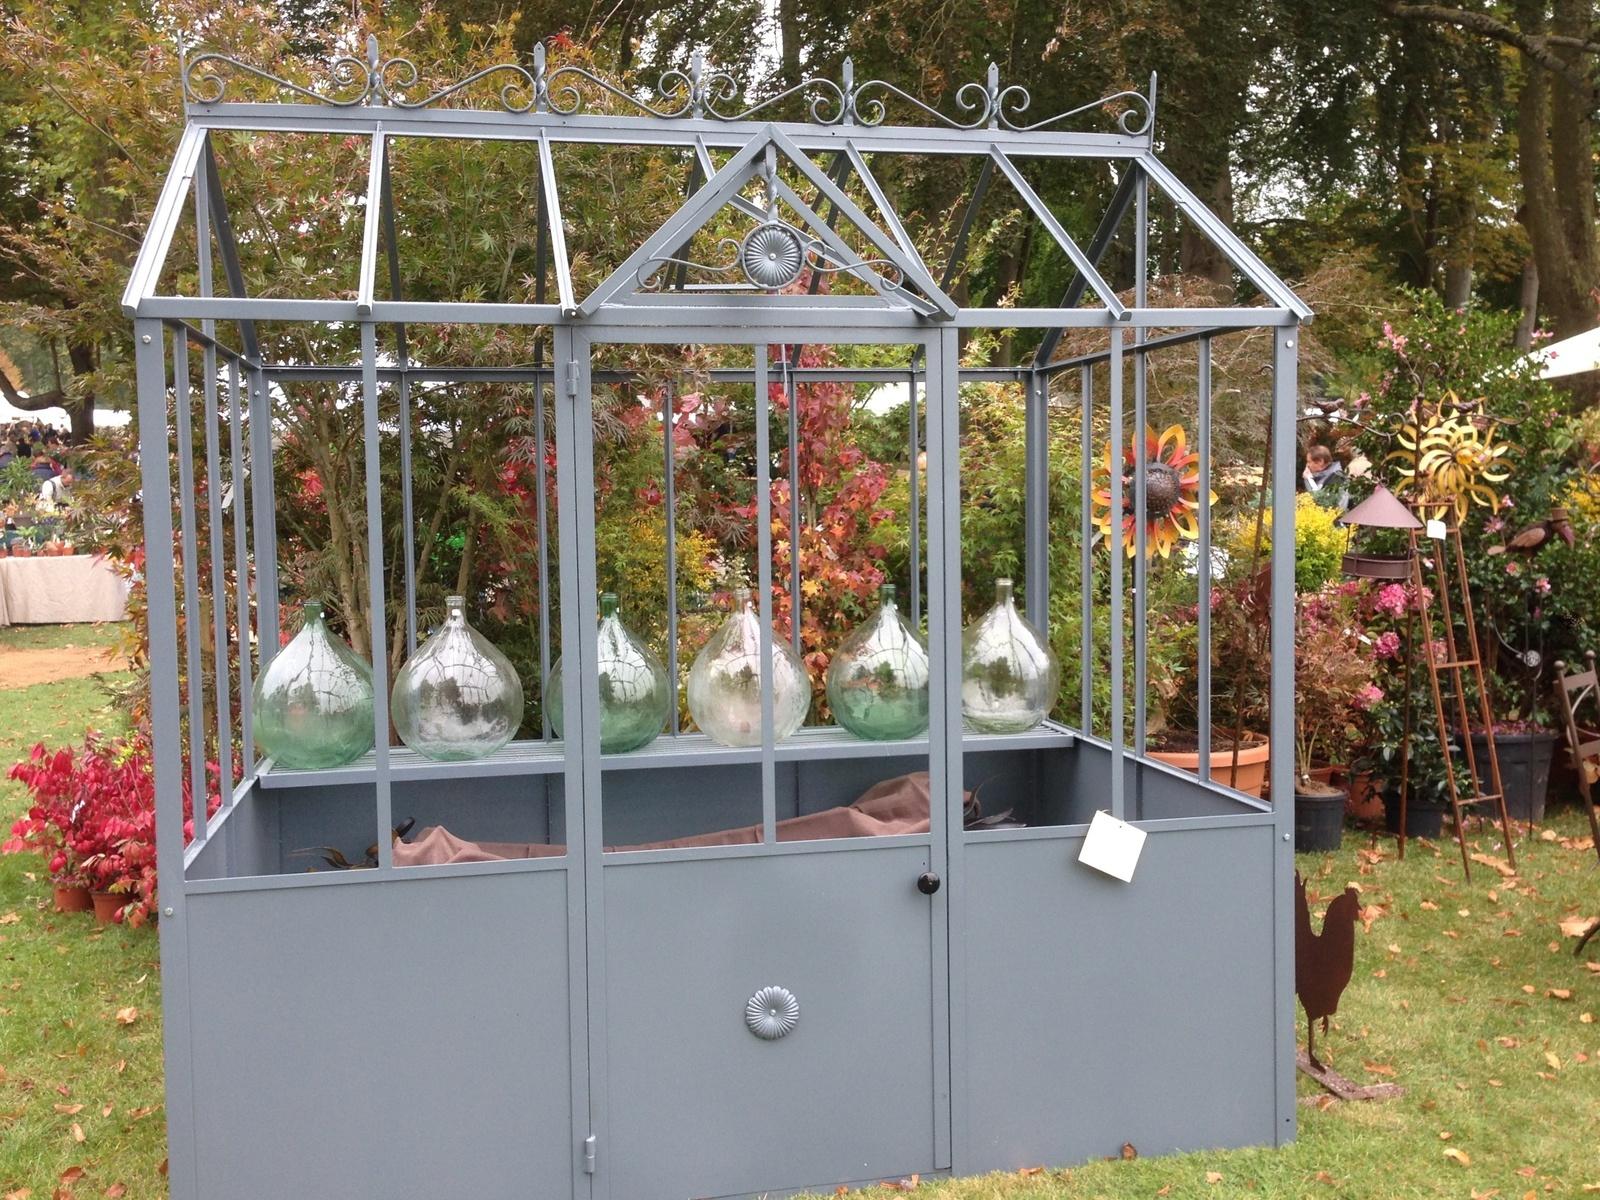 Une Serre Pour Les Semis Du Seeds Of Love - Jardins Merveilleux à Serre De Jardin D Occasion